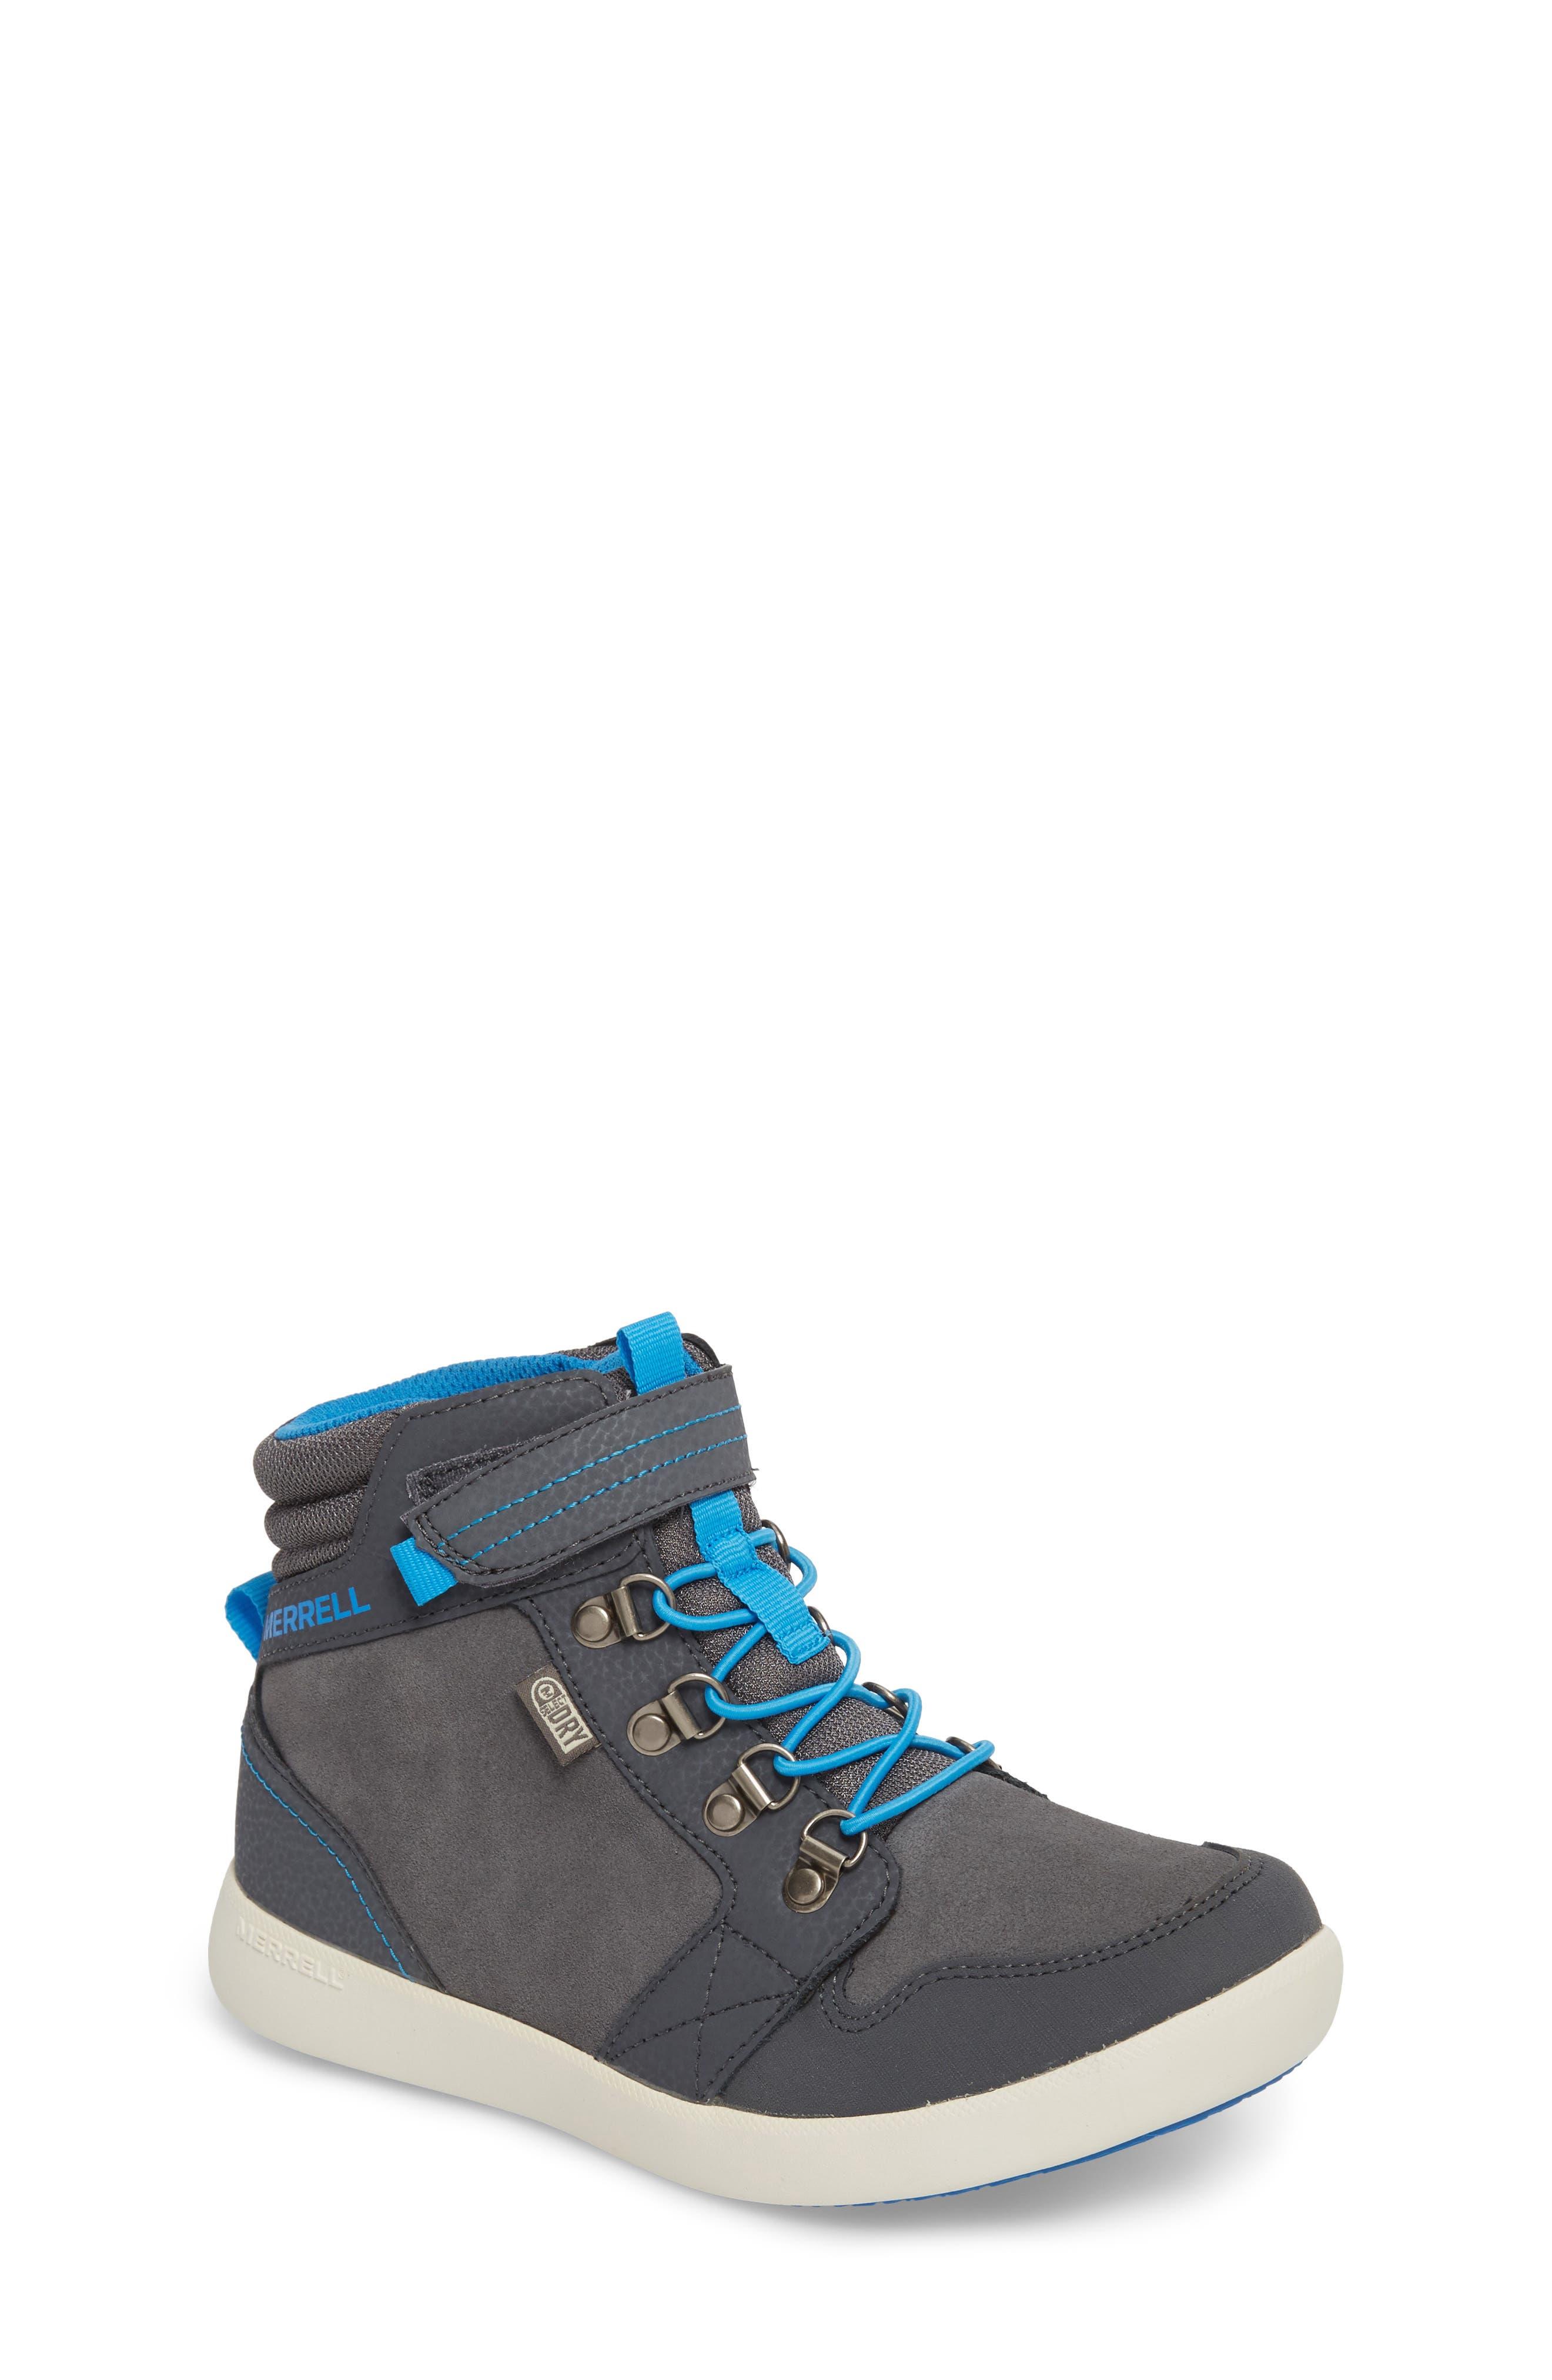 Freewheel Mid Top Waterproof Sneaker Boot,                         Main,                         color, Grey